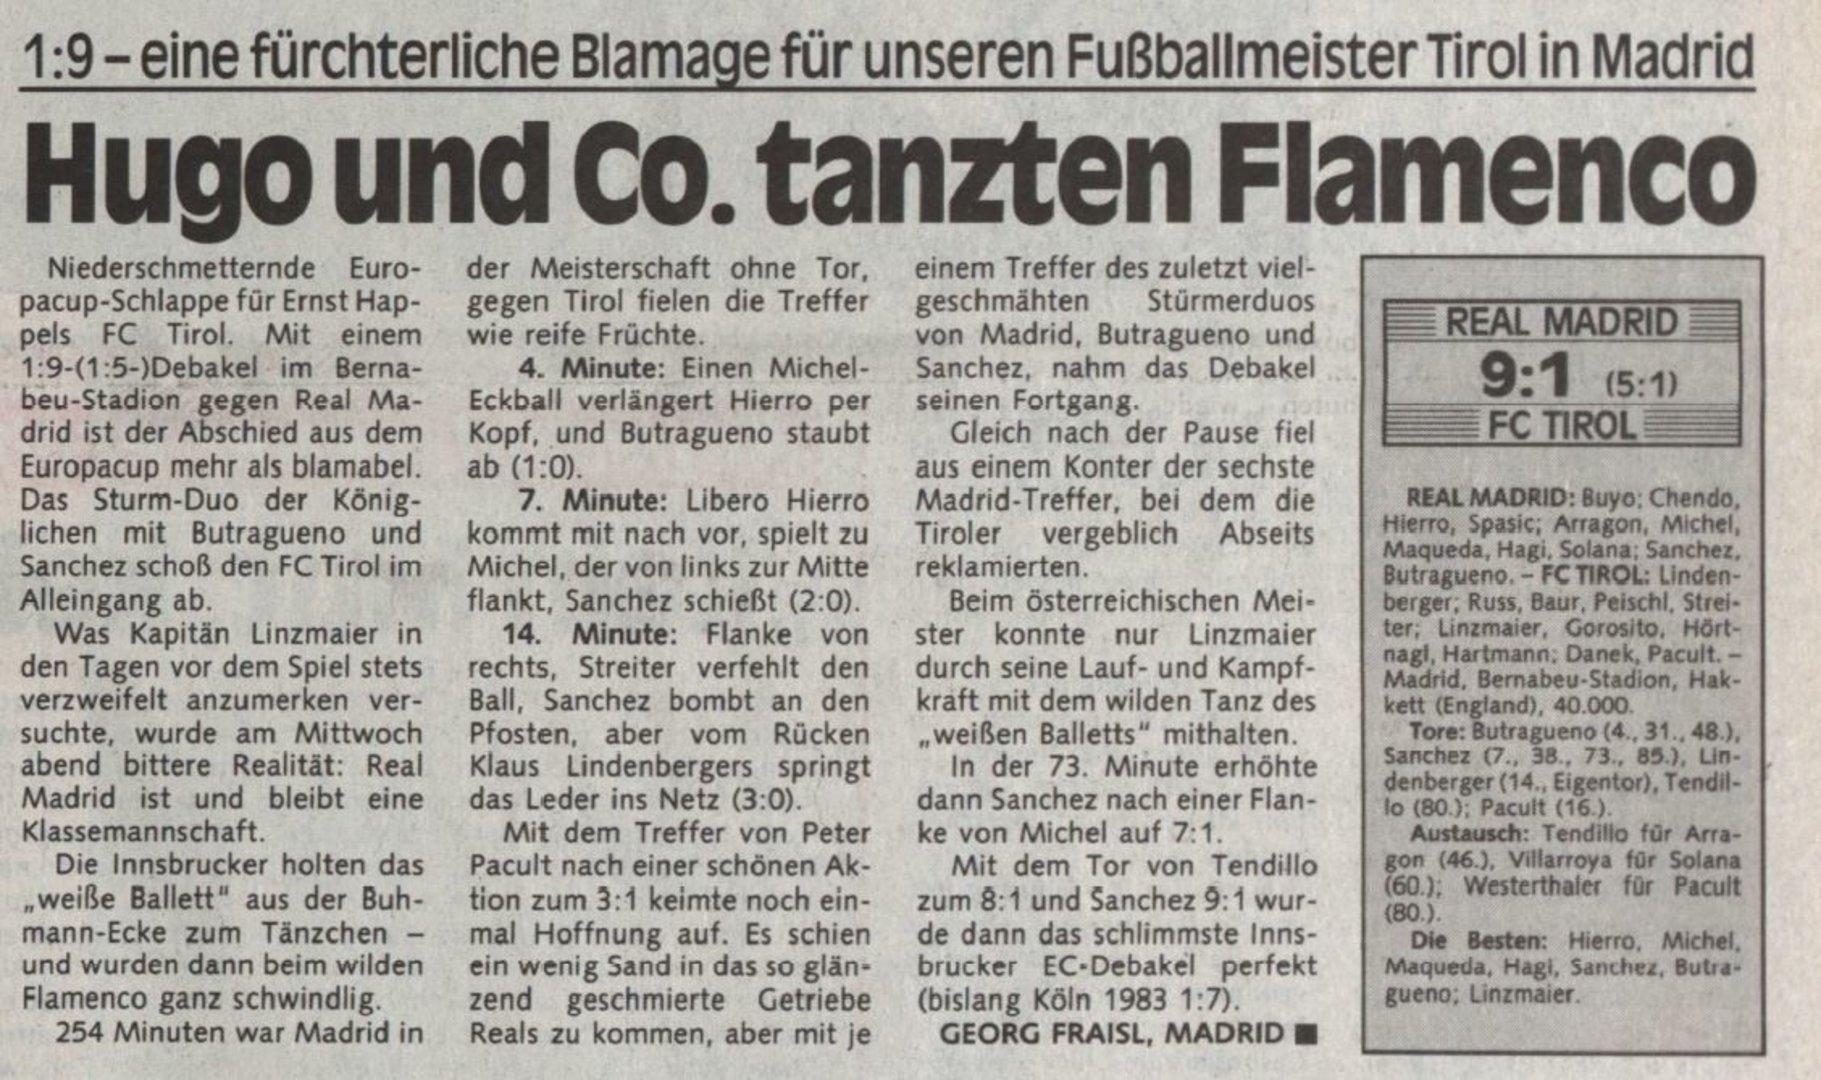 Heute vor 30 Jahren: Als der FC Tirol gegen Real Madrid 1:9 unterging